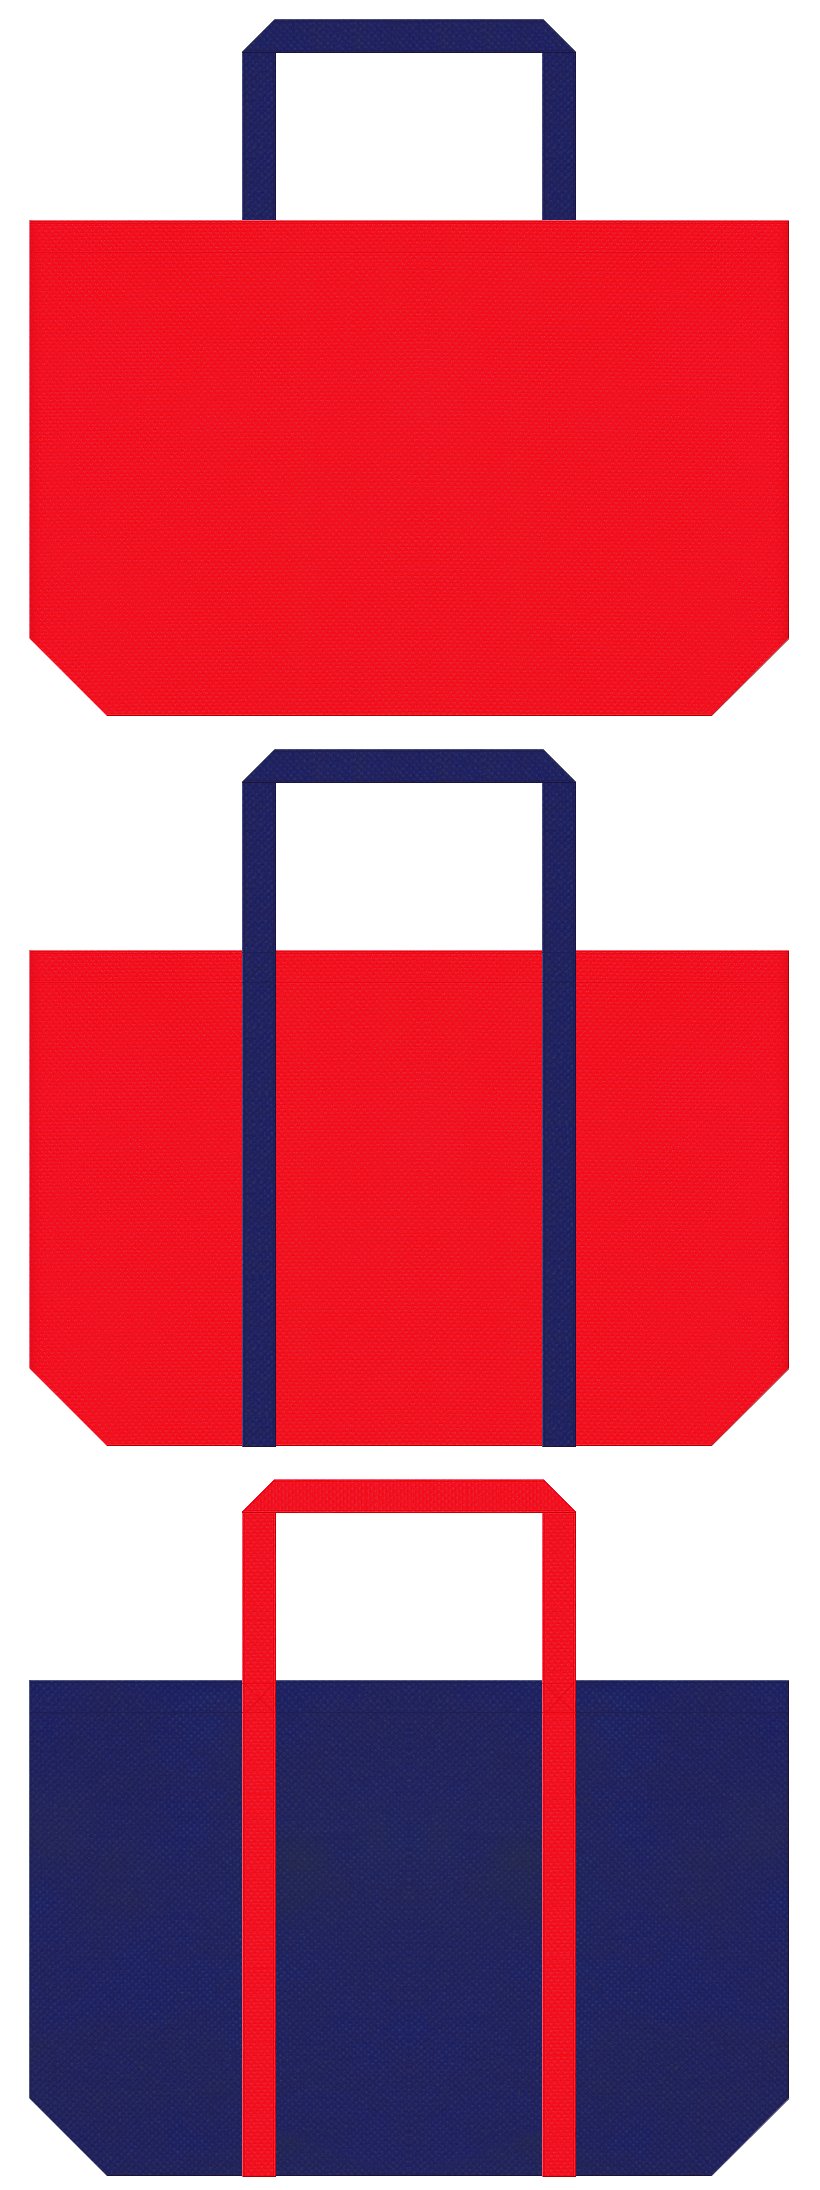 スポーツバッグにお奨めの不織布バッグデザイン:赤色と明るい紺色のコーデ